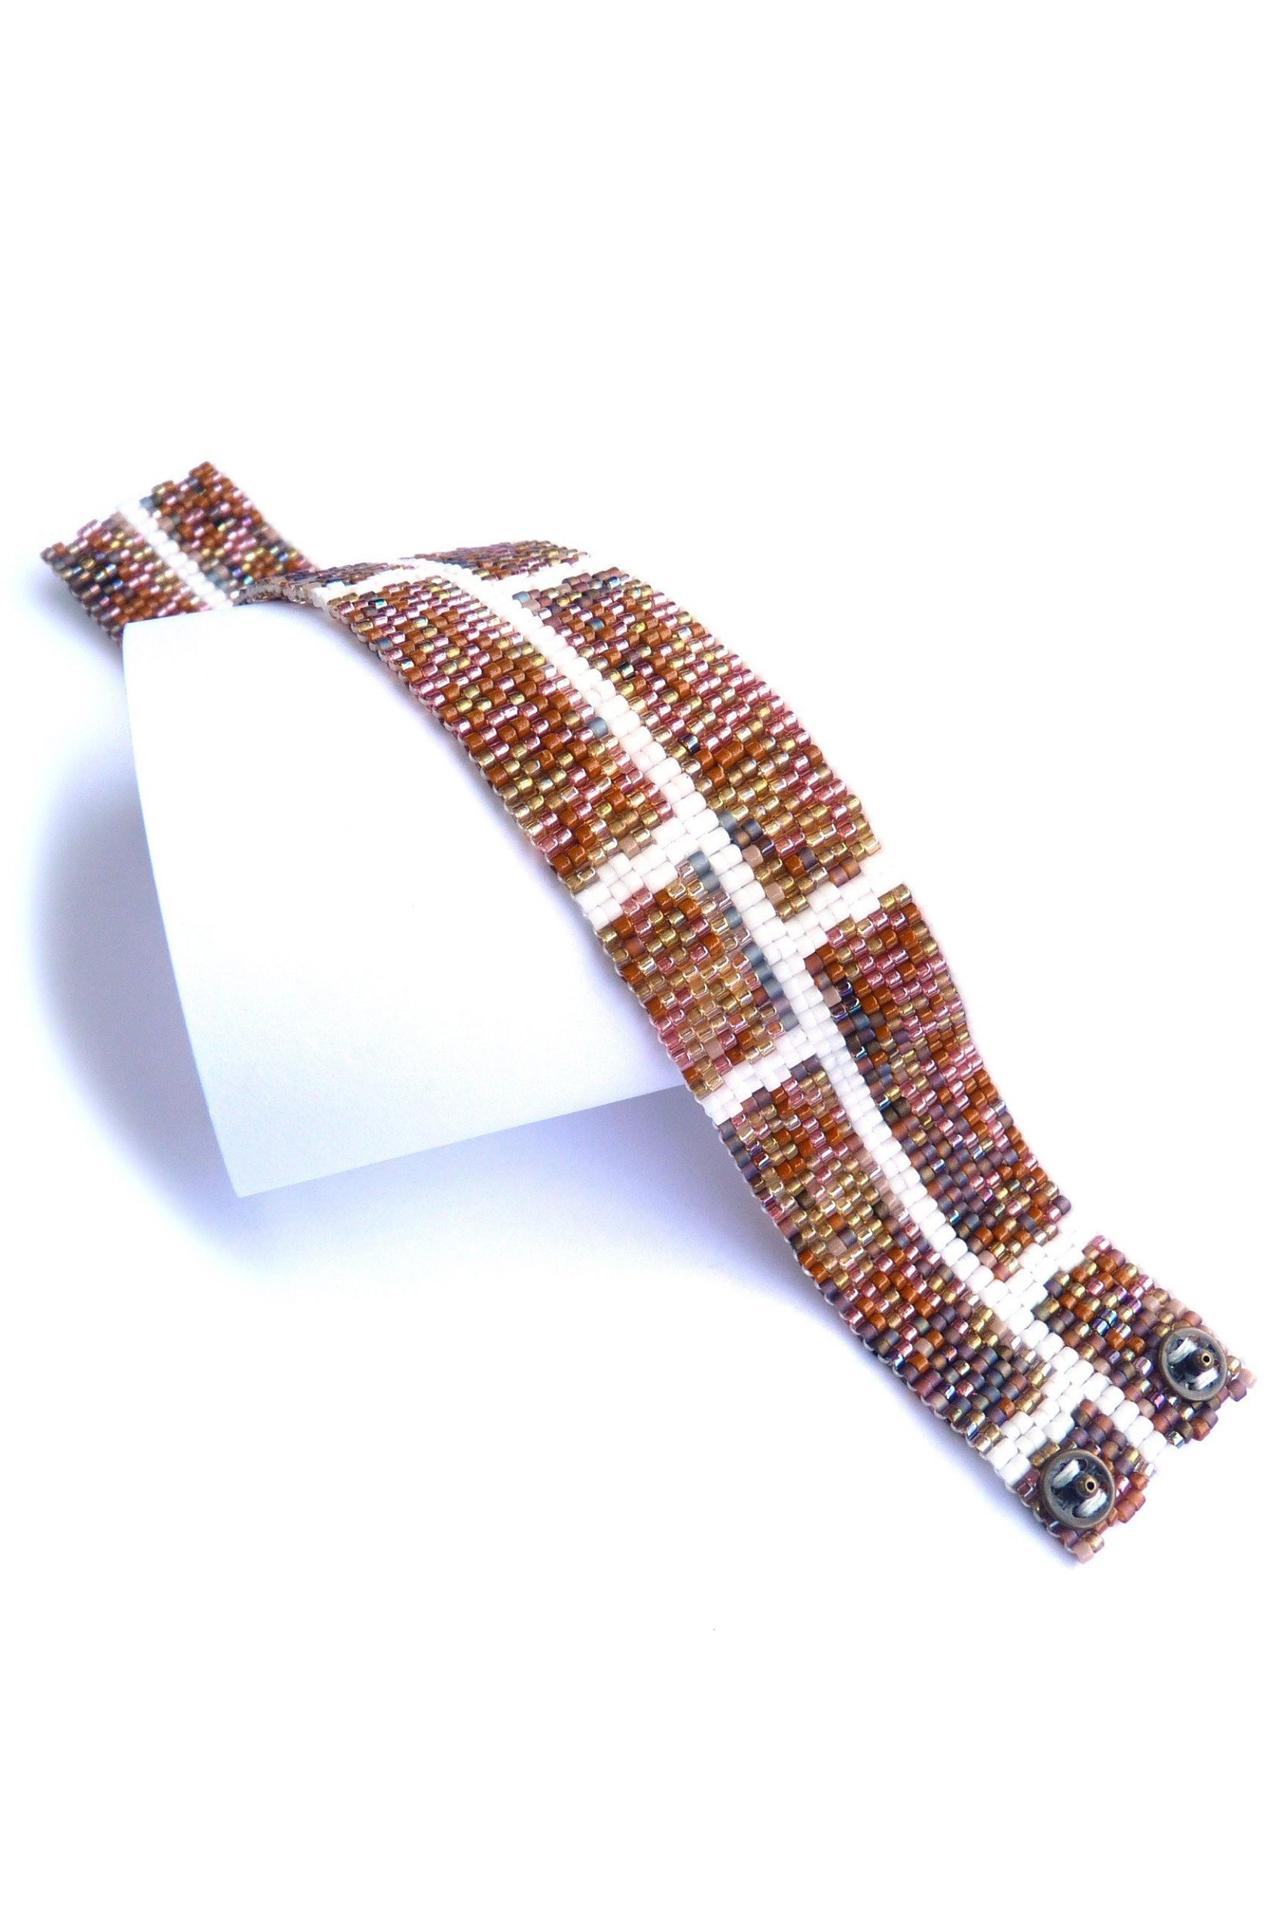 Brick Wall Slim Delica Seed Beaded Bracelet